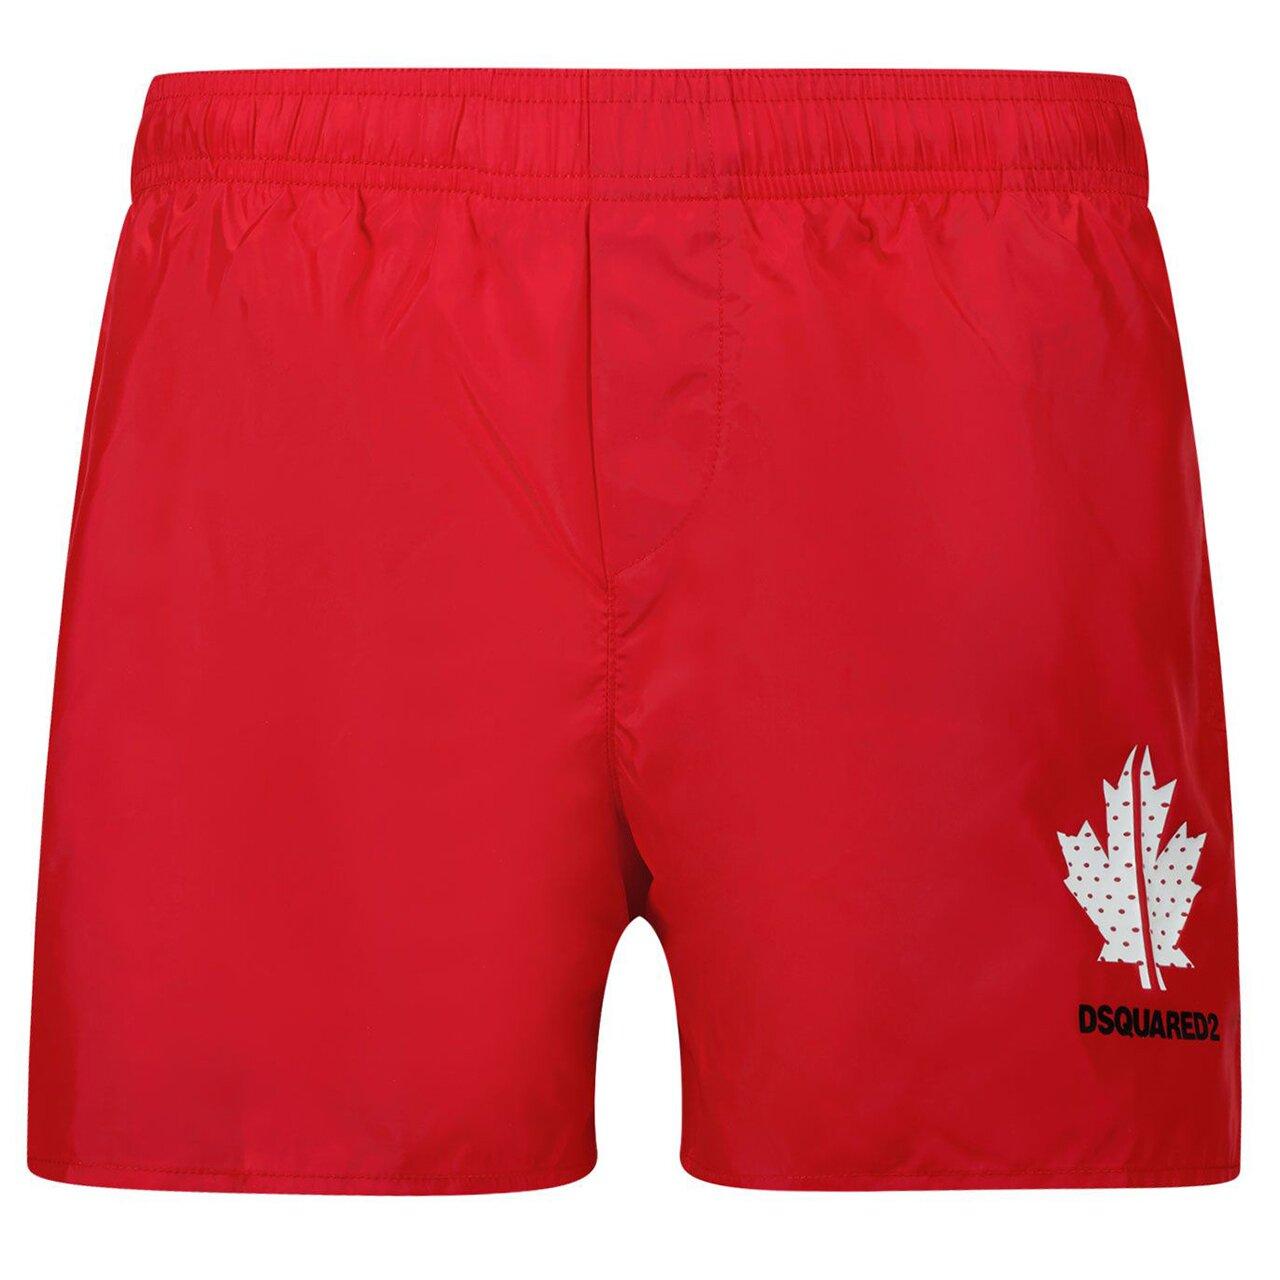 Dsquared2 Swim shorts Rood DQ0052